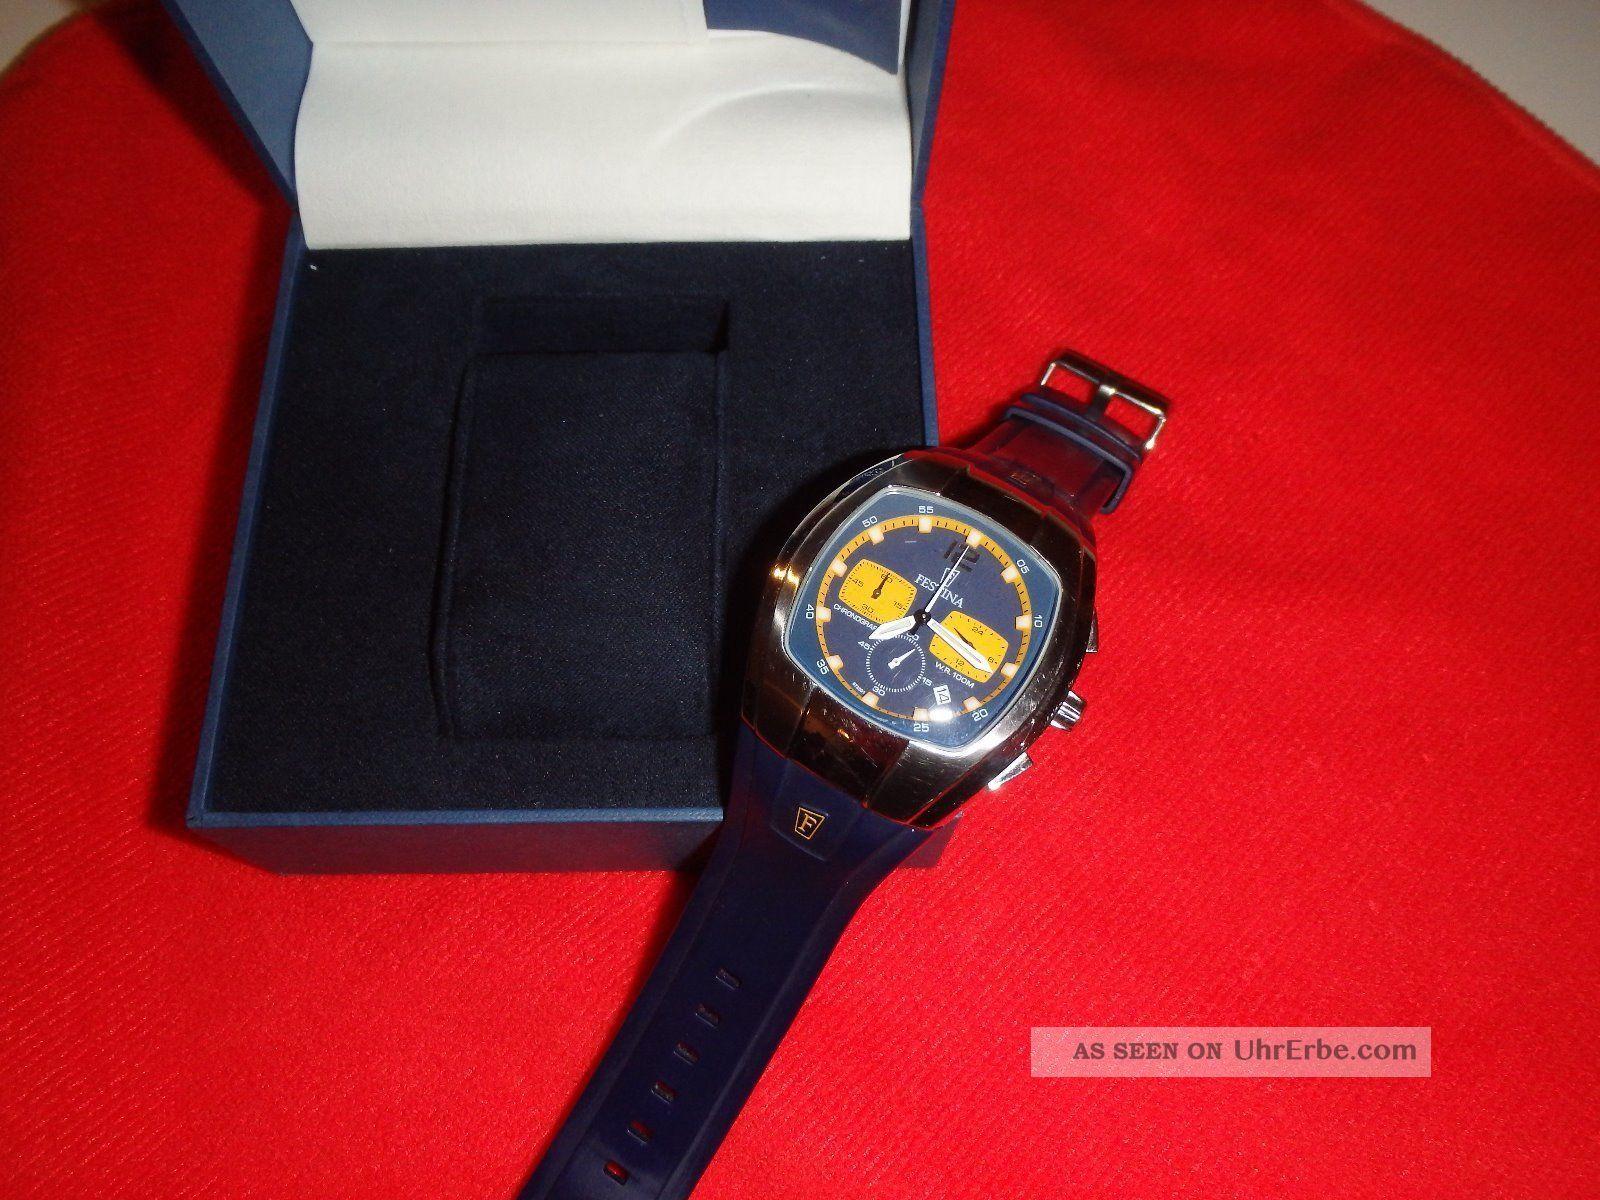 Festina Chronograph 6720 Modele Depose - Sehr Schöne Sportliche Uhr Armbanduhren Bild